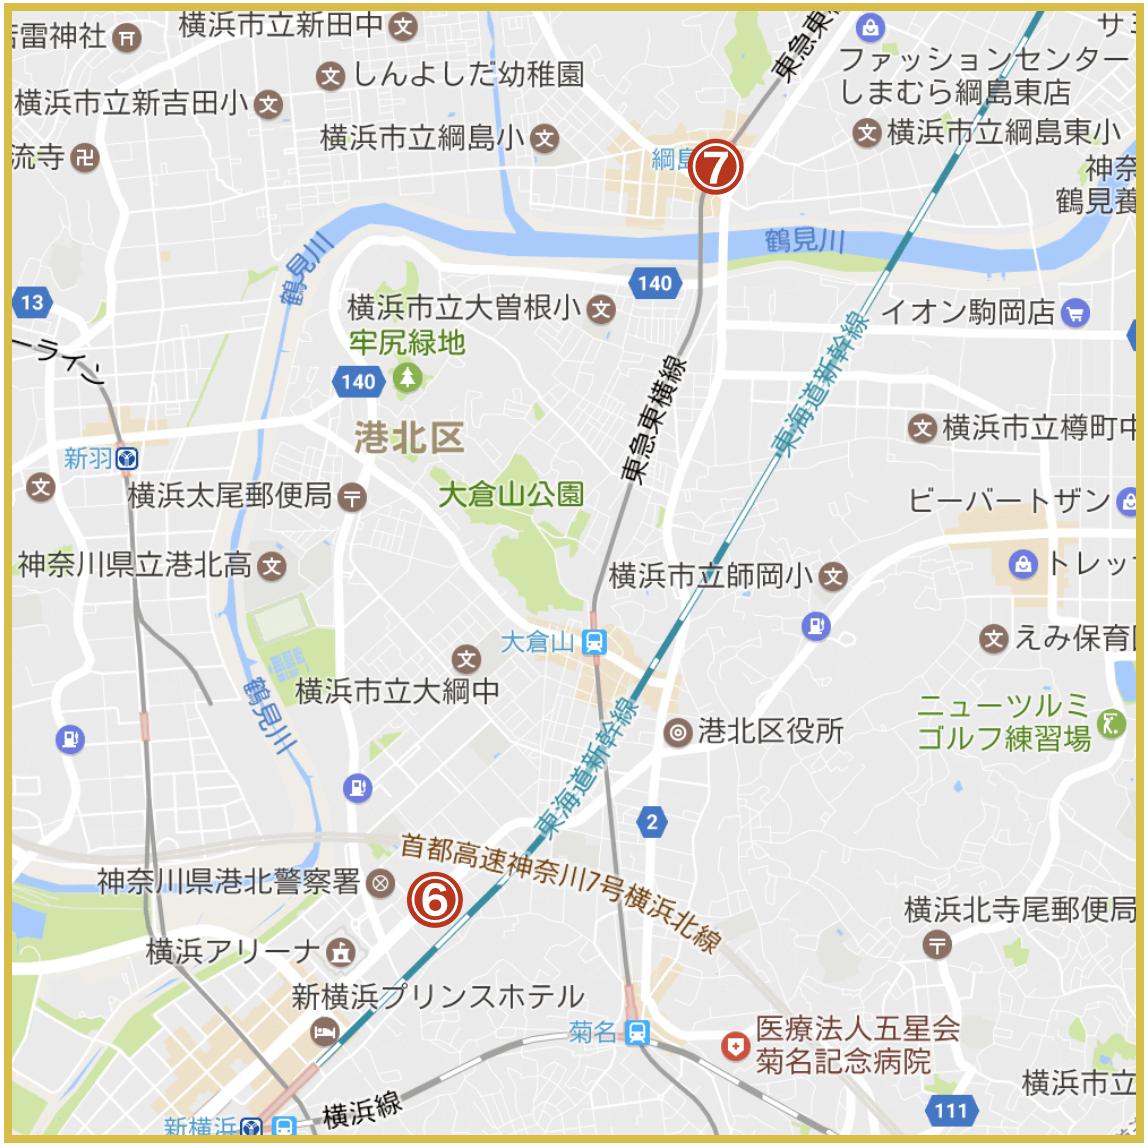 横浜市港北区にあるアコム店舗・ATMの位置(2020年4月版)